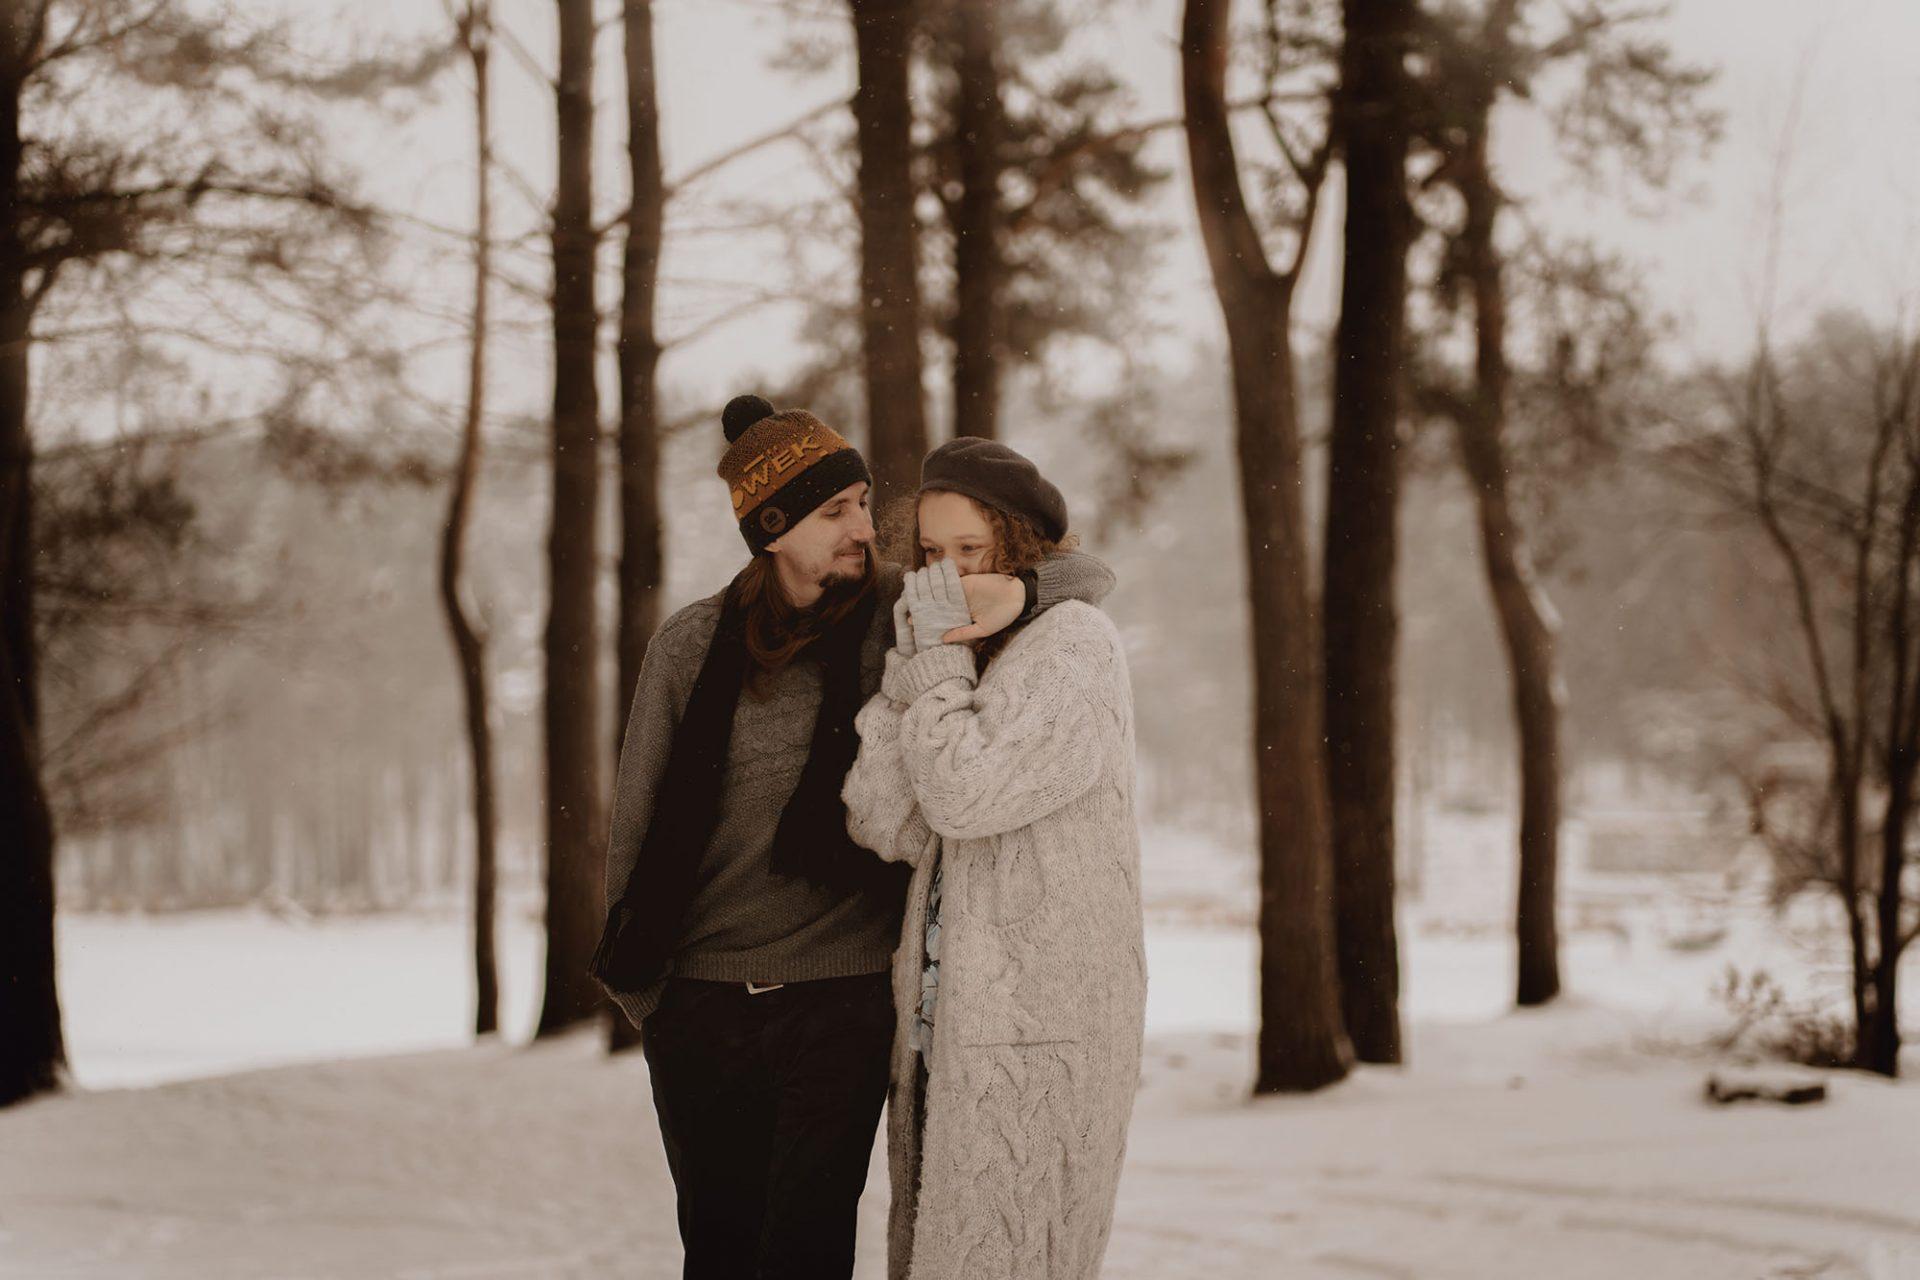 zimowa sesja narzeczenska00001 1920x1280 - Miłość